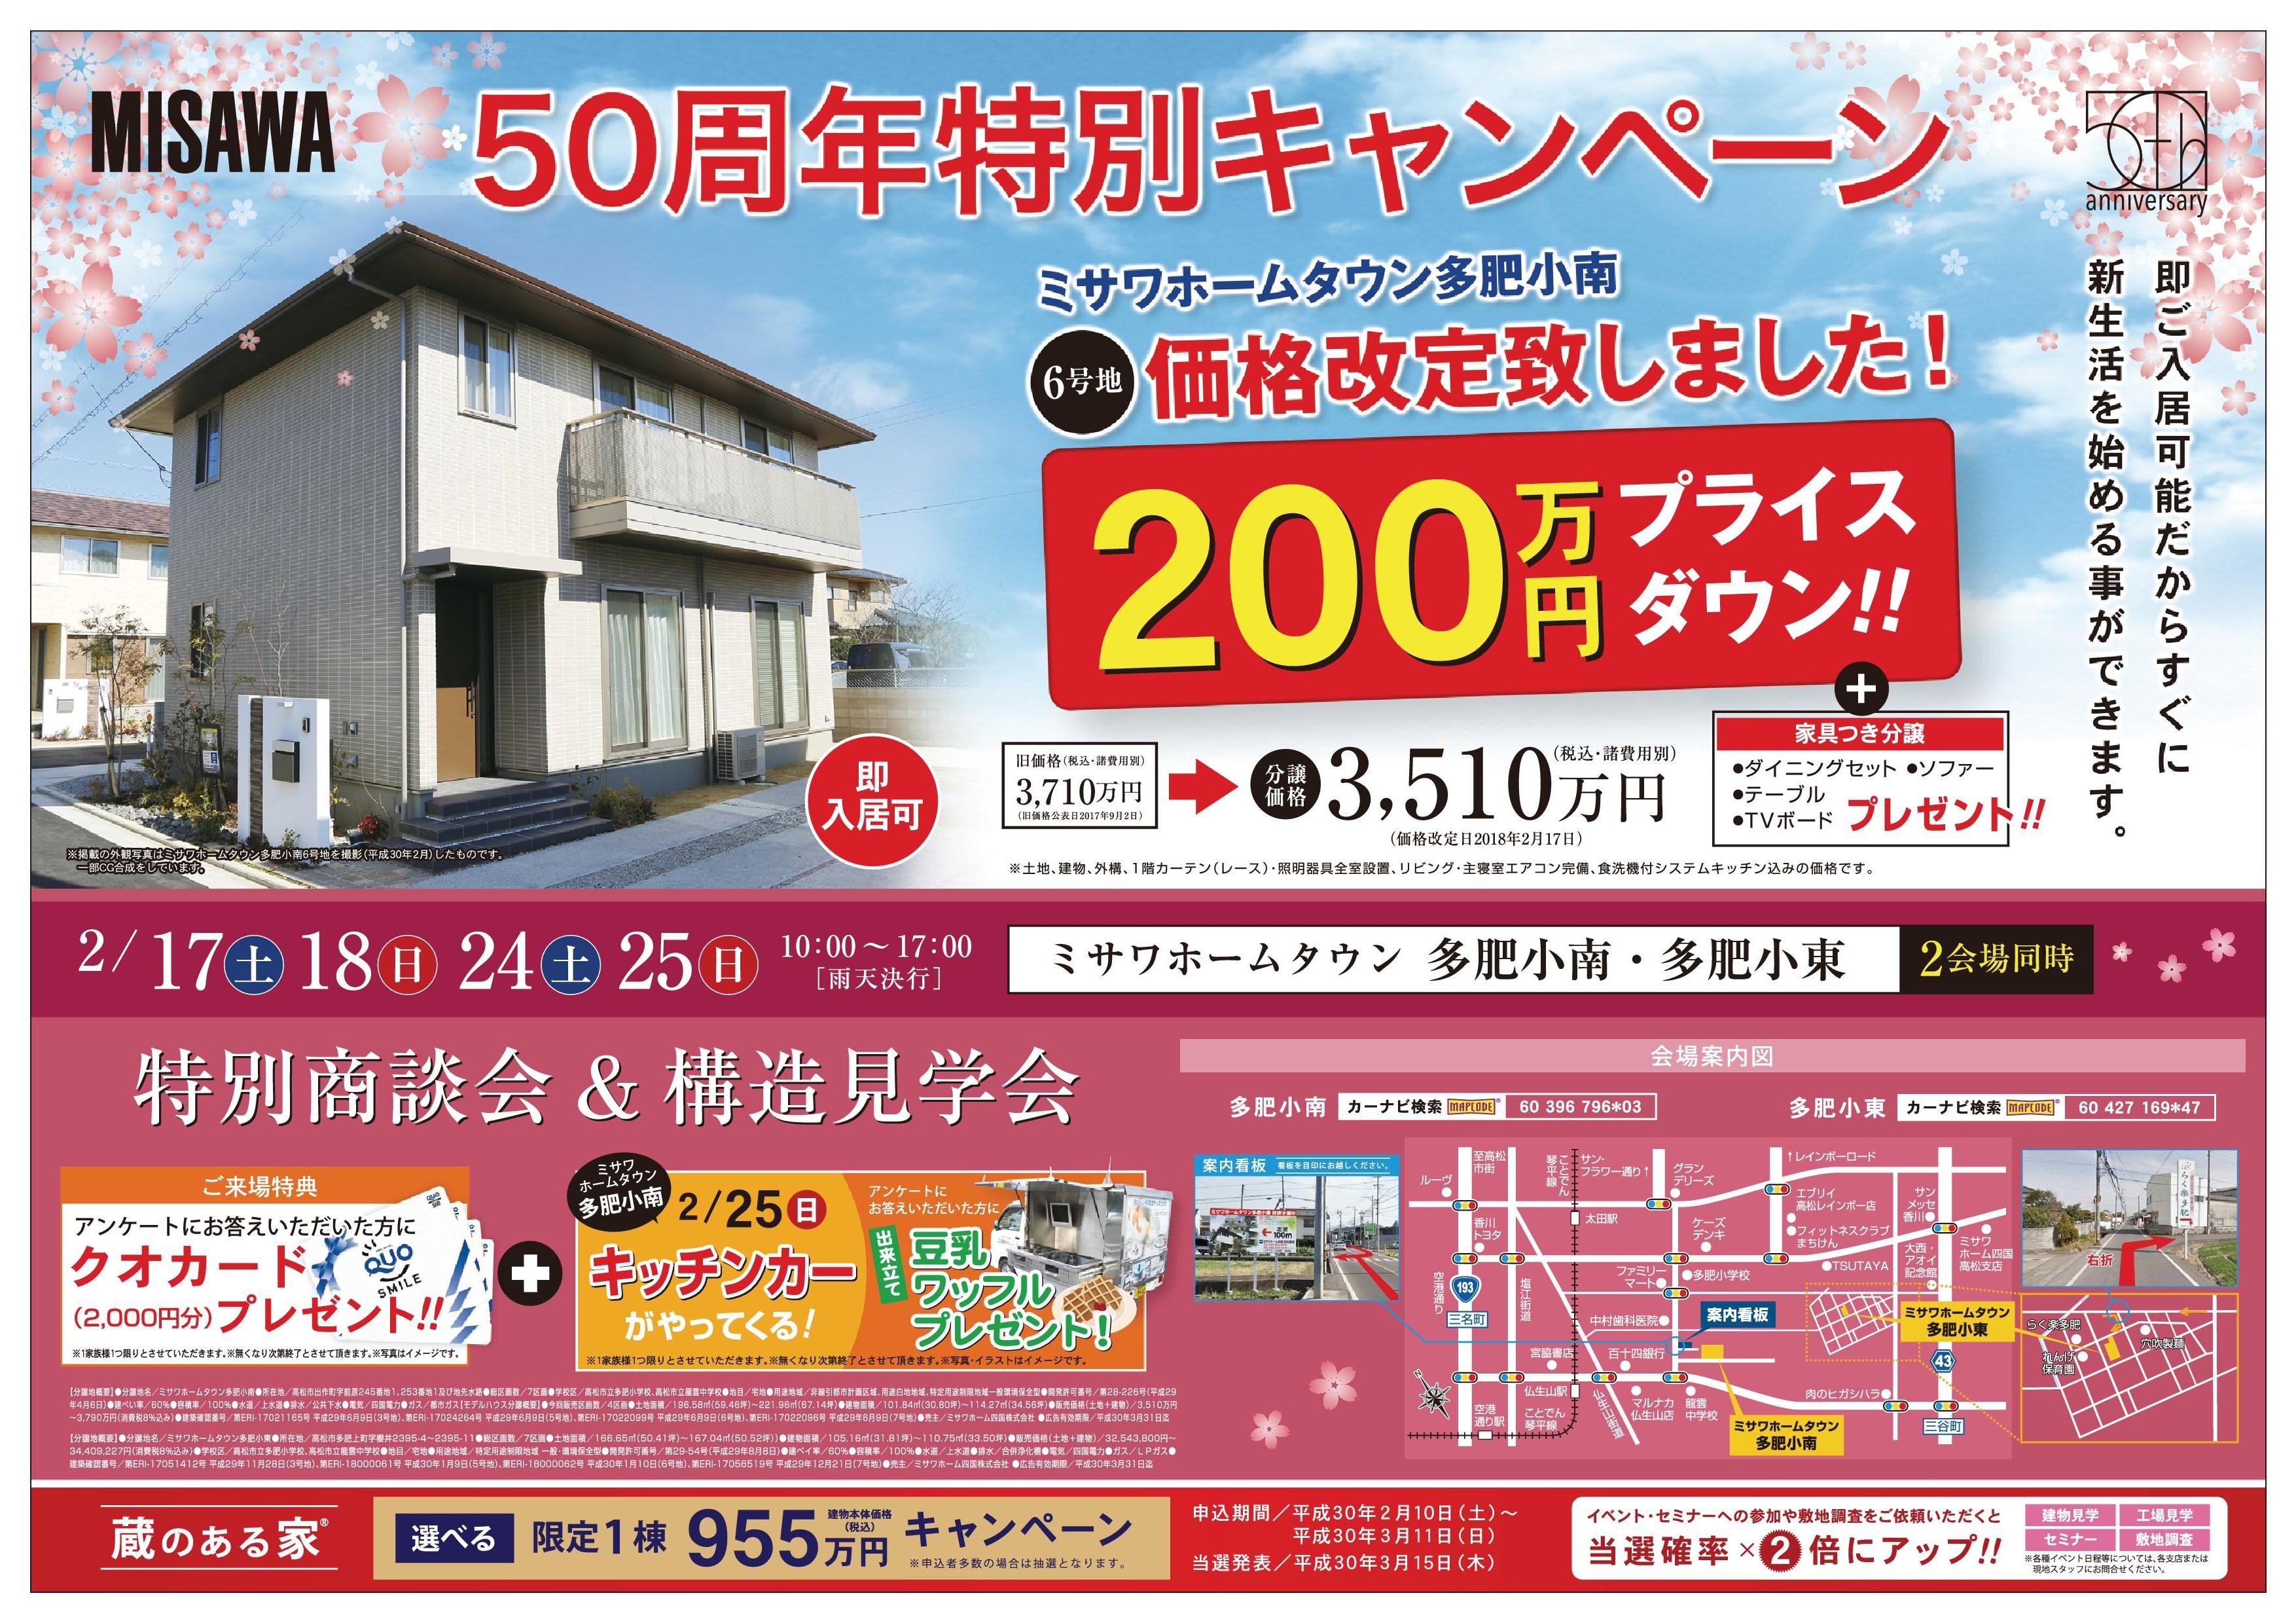 ミサワ高松多肥小チラシ-001.jpg